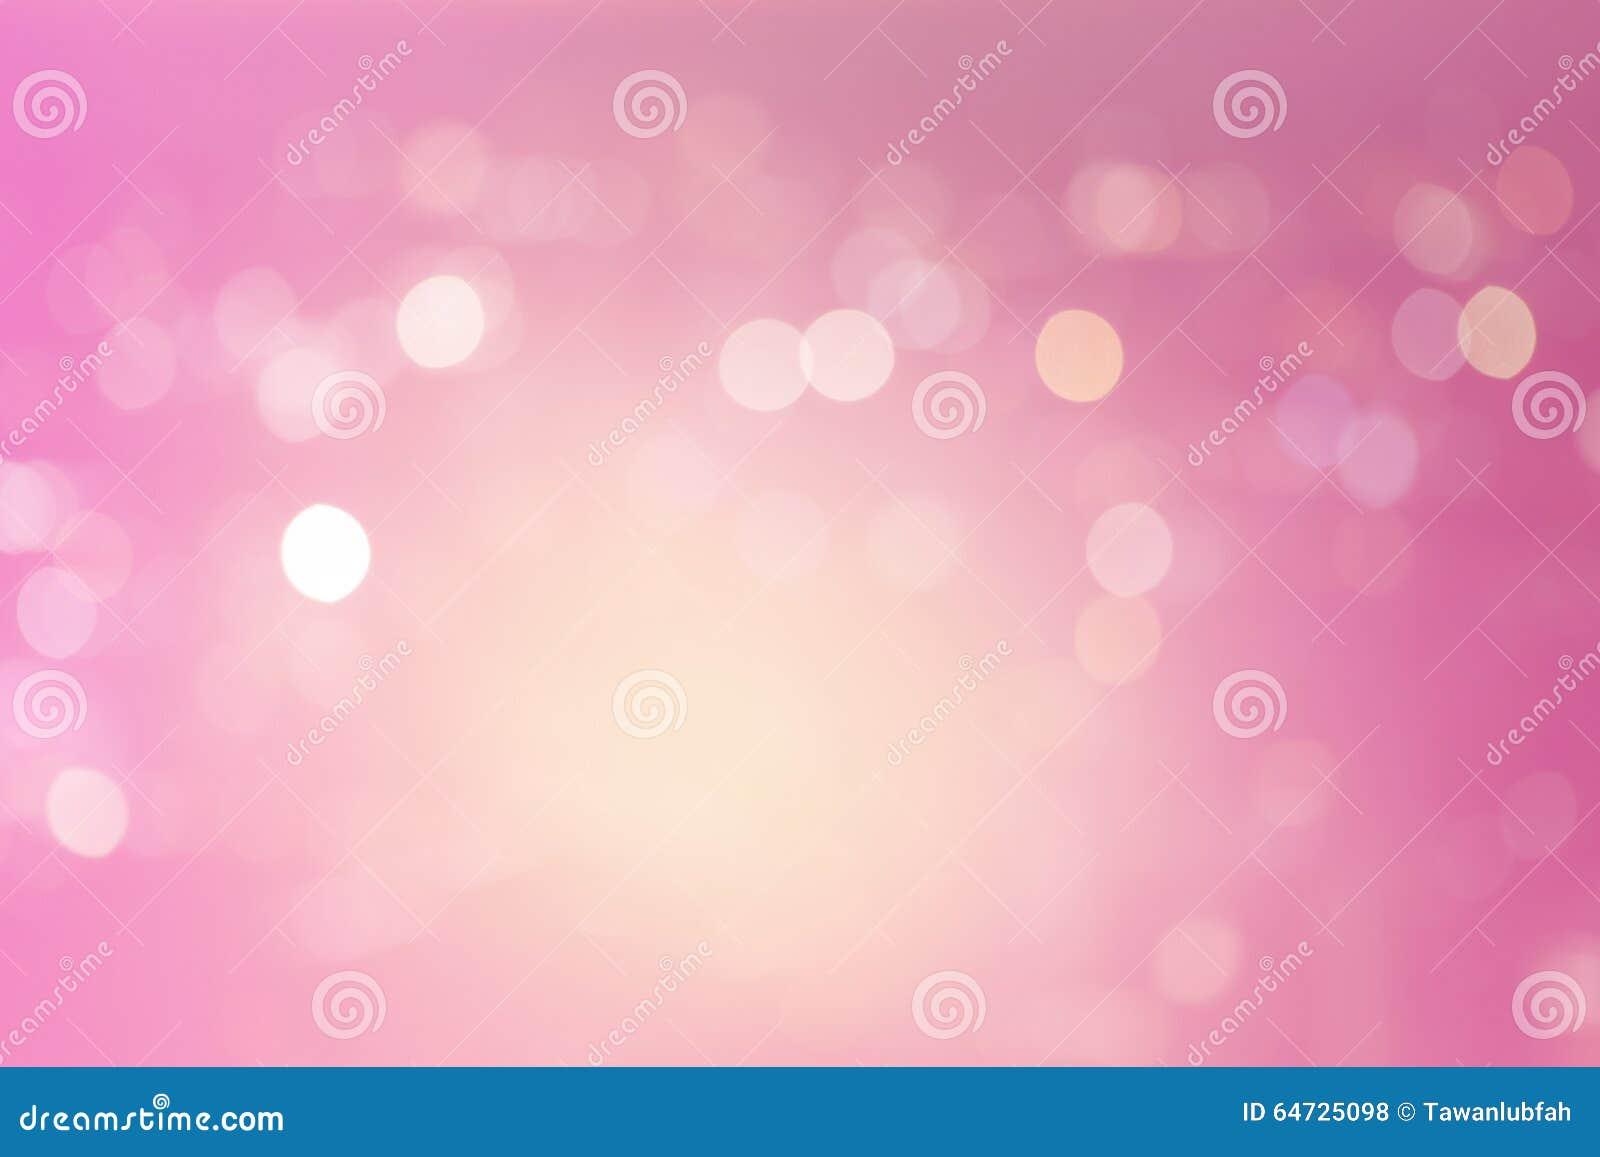 Fondos rosados de la luz del extracto del bokeh